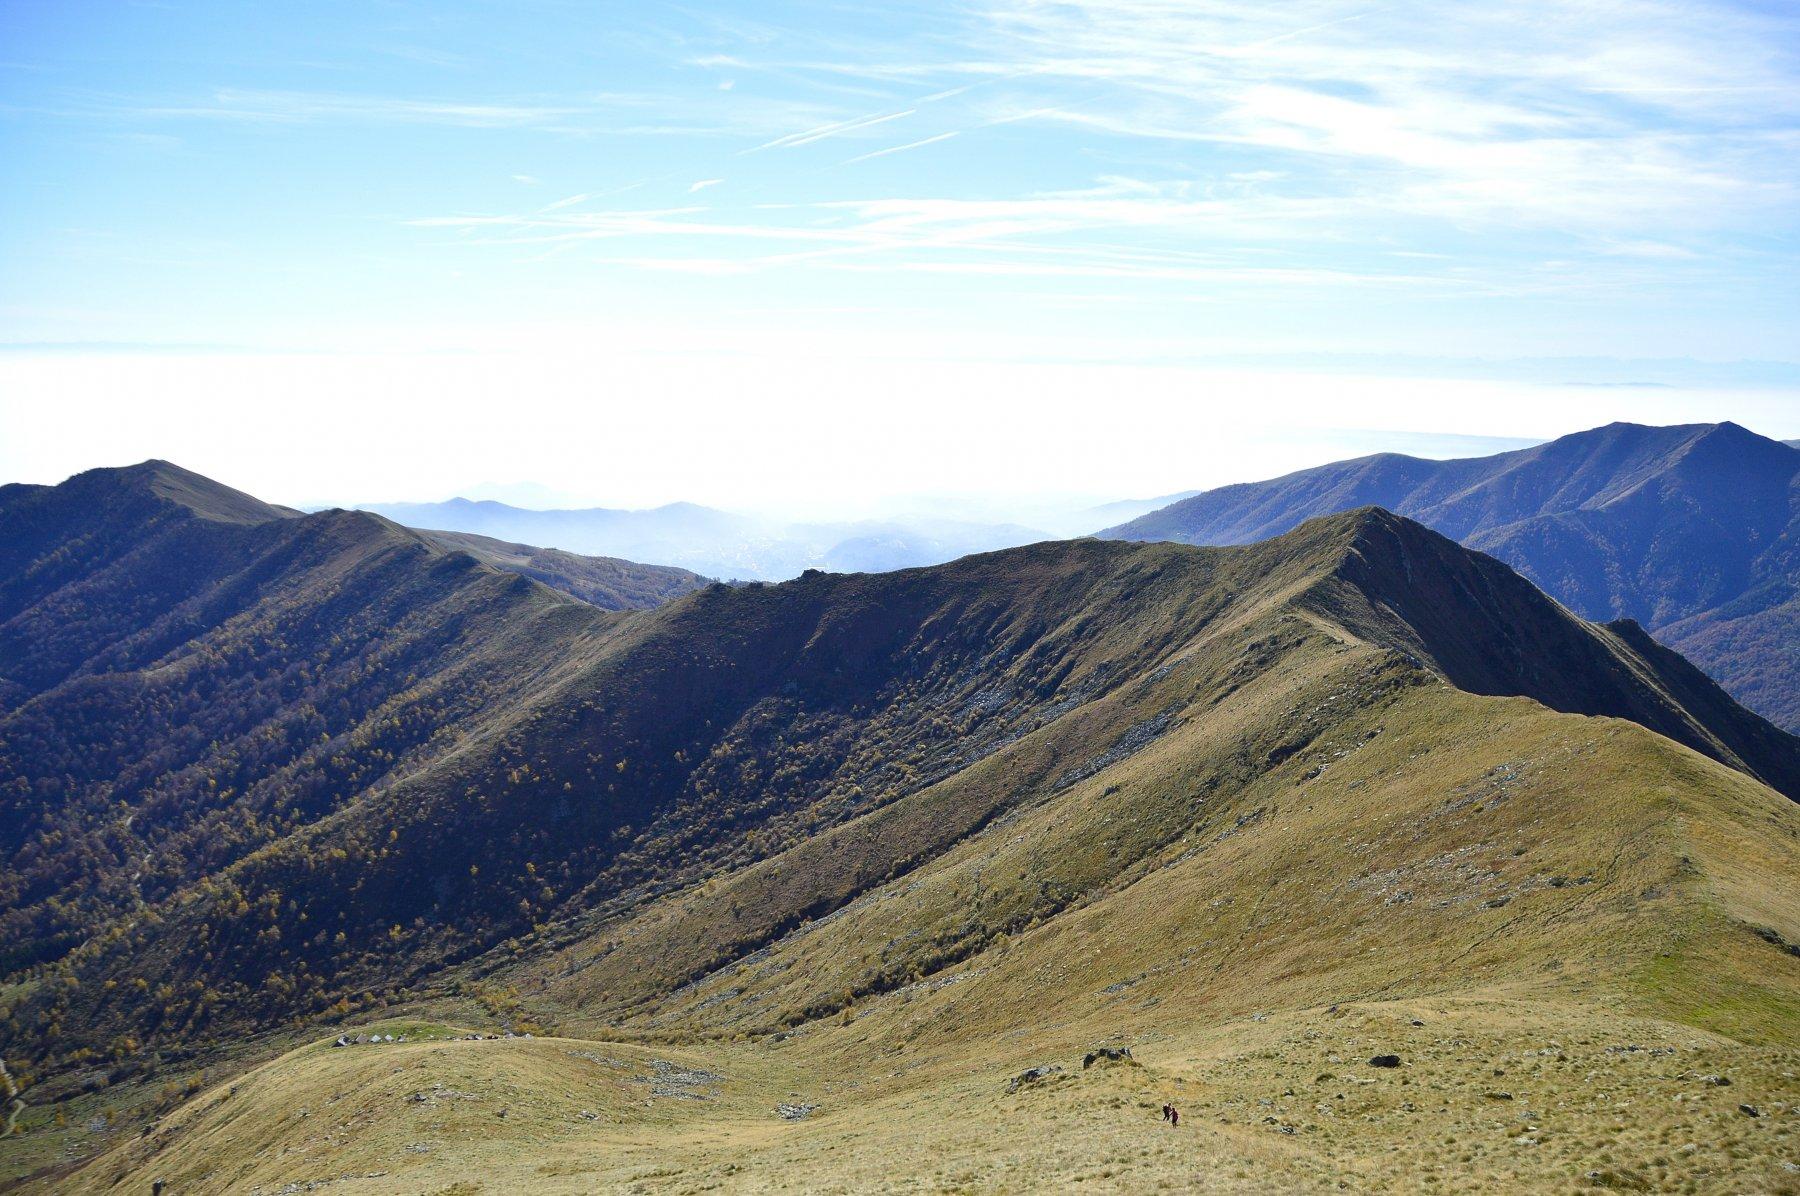 Dalla vetta la cresta con la cima del Bonom (a dx) e poi via via fino al Monticchio (a sx)